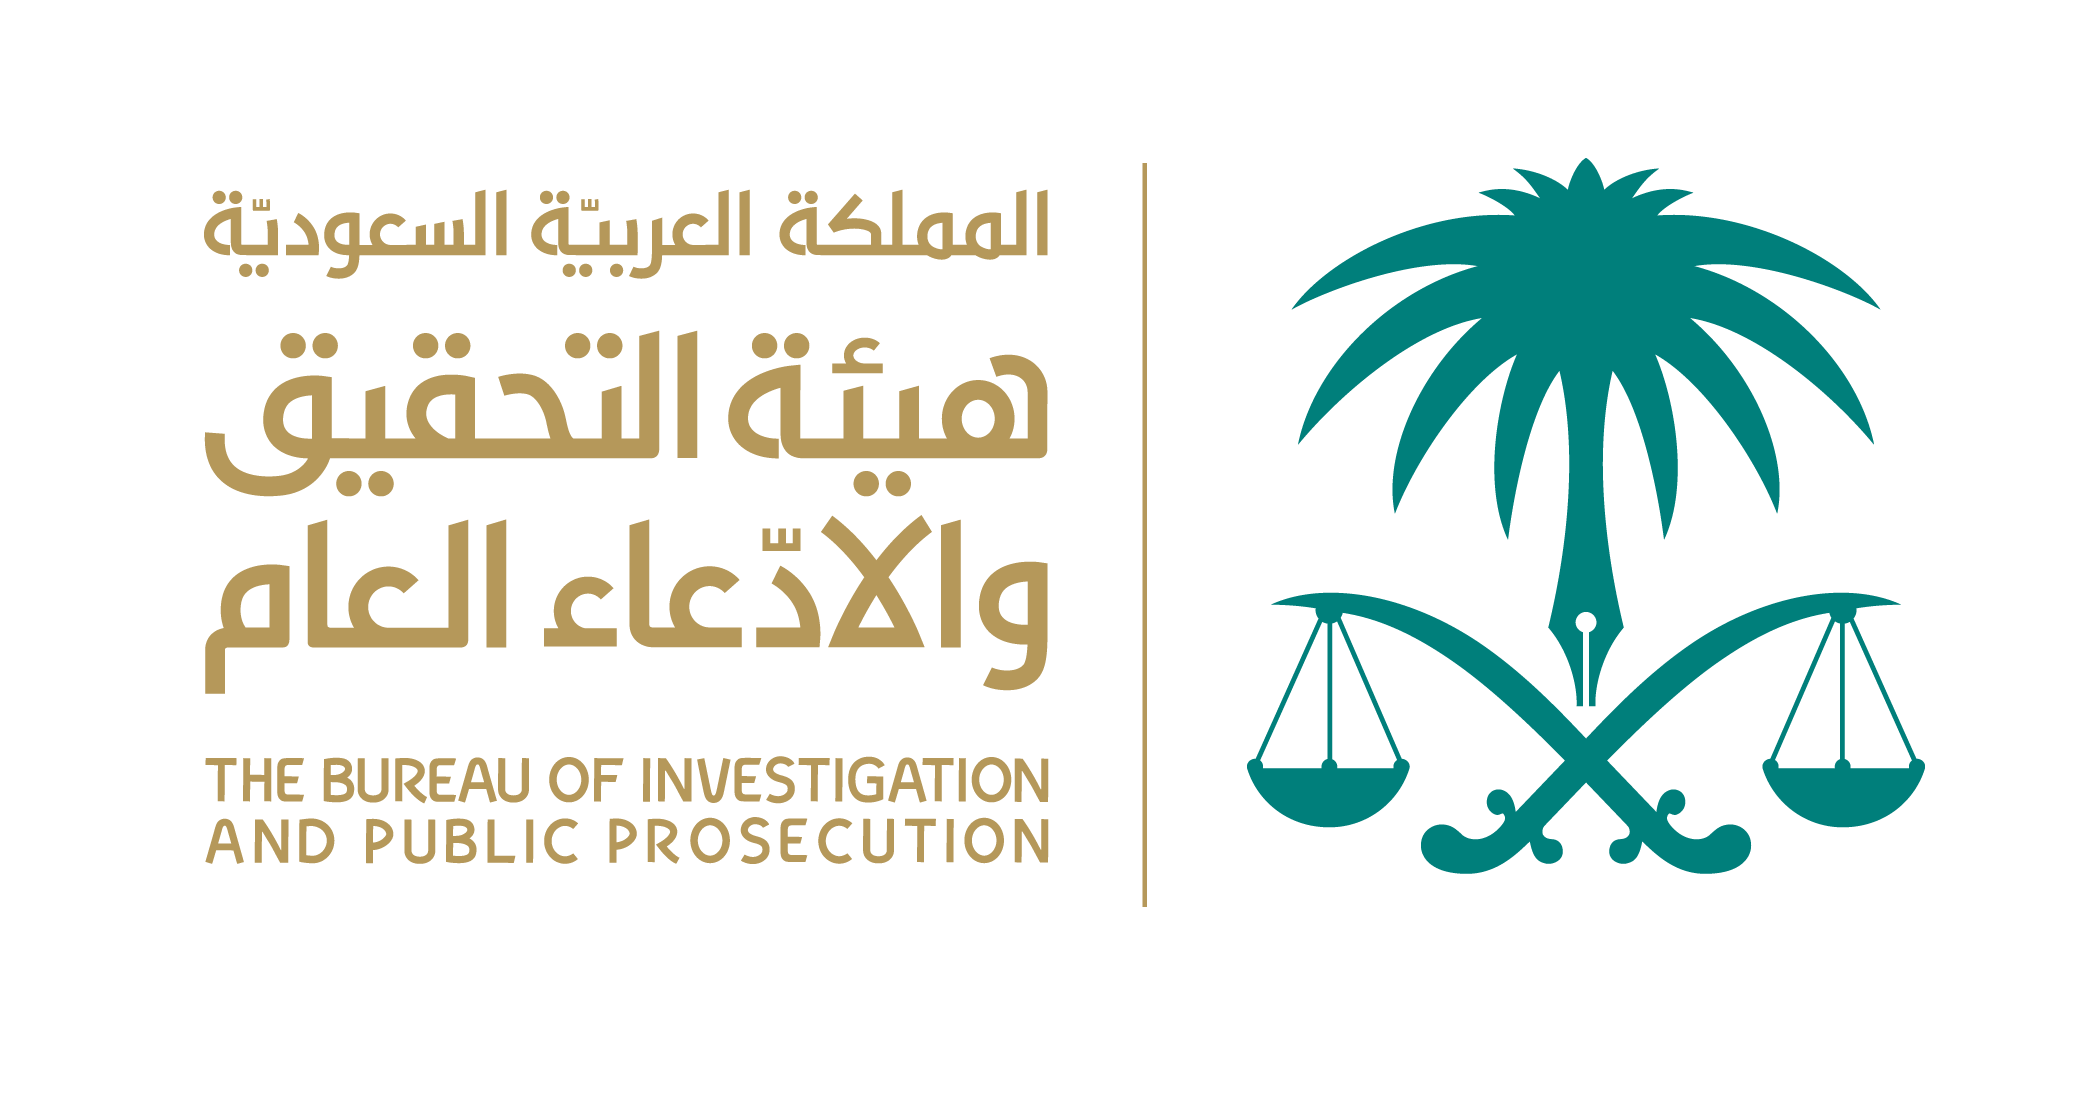 شعار هيئة التحقيق والادعاء العام